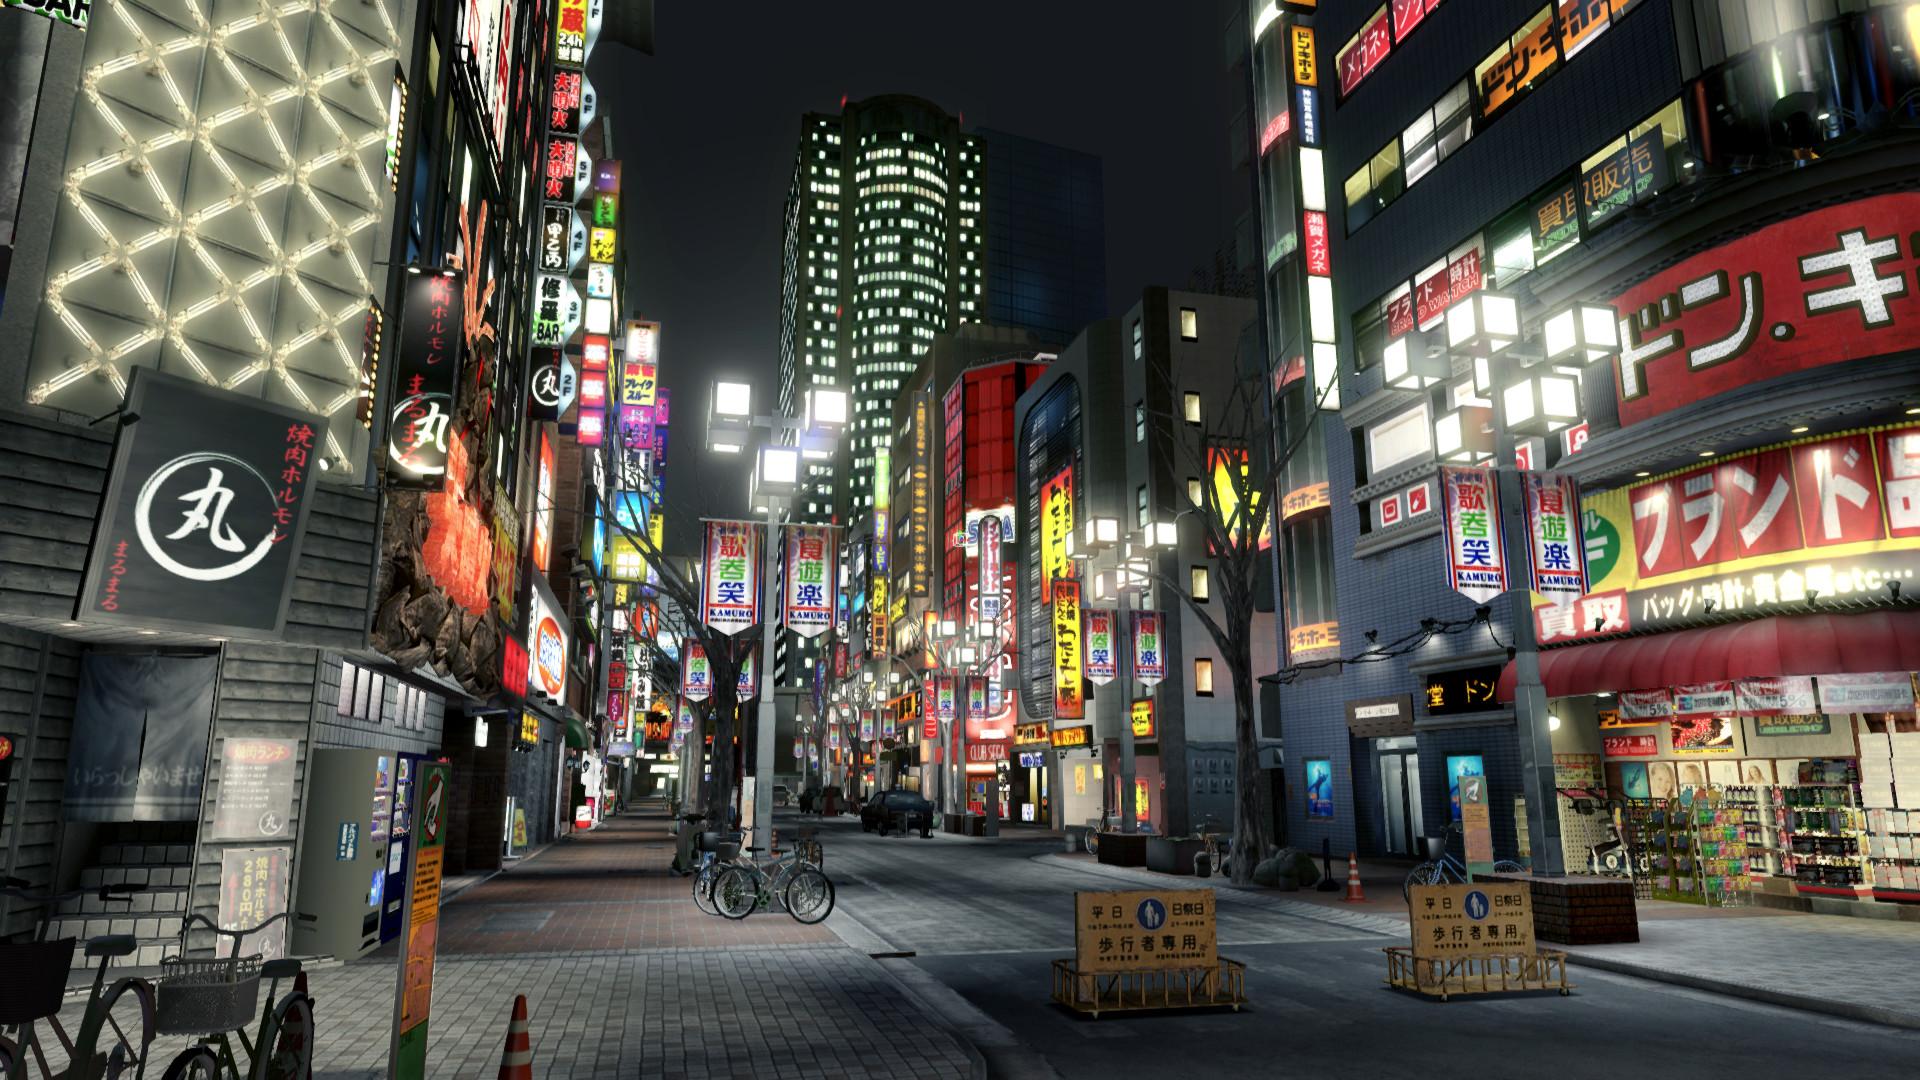 yakuza-5-remastered-pc-screenshot-03